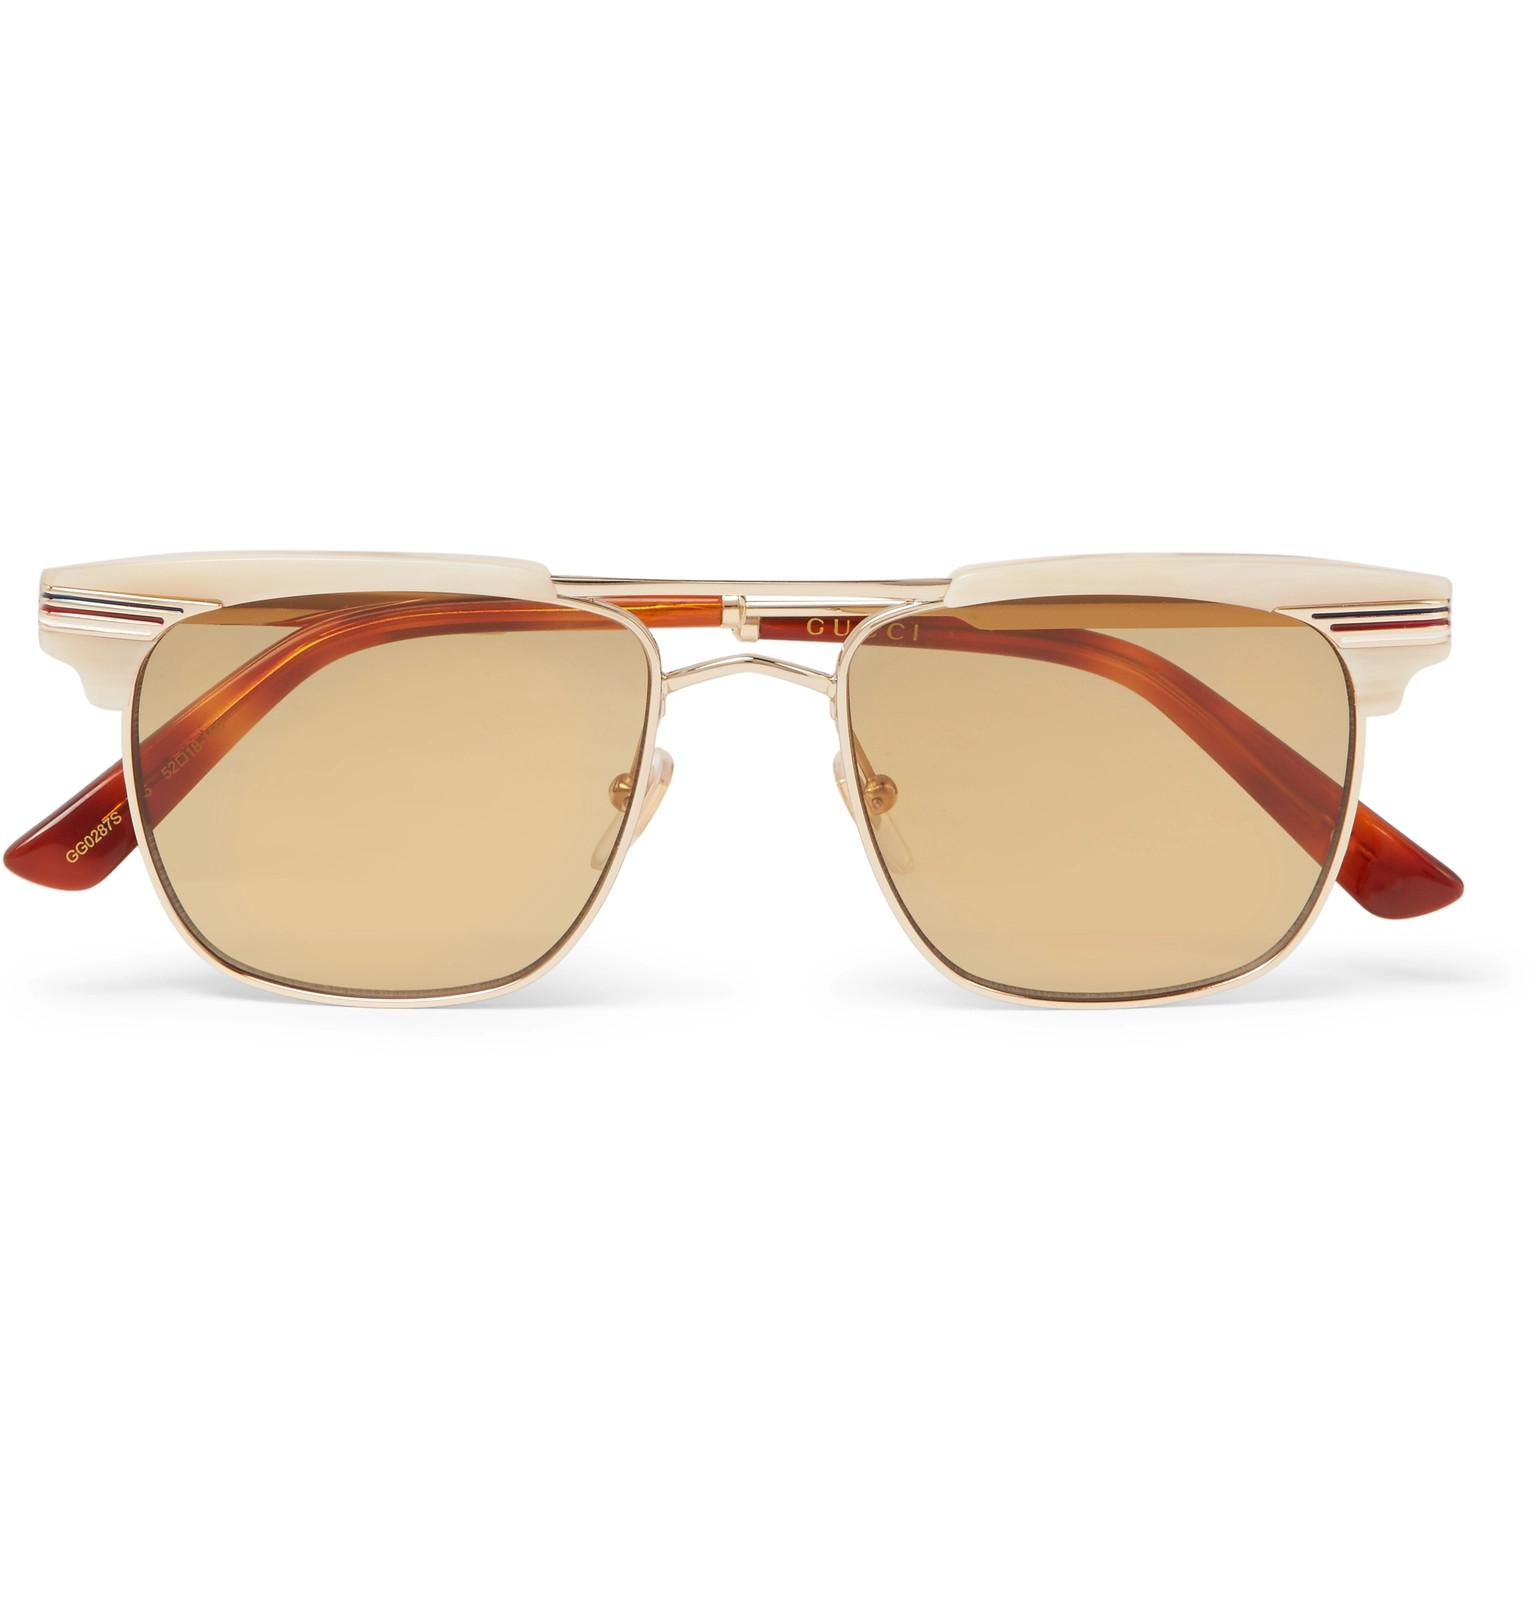 Tortoiseshell D-frame sunglasses Gucci kKFv5